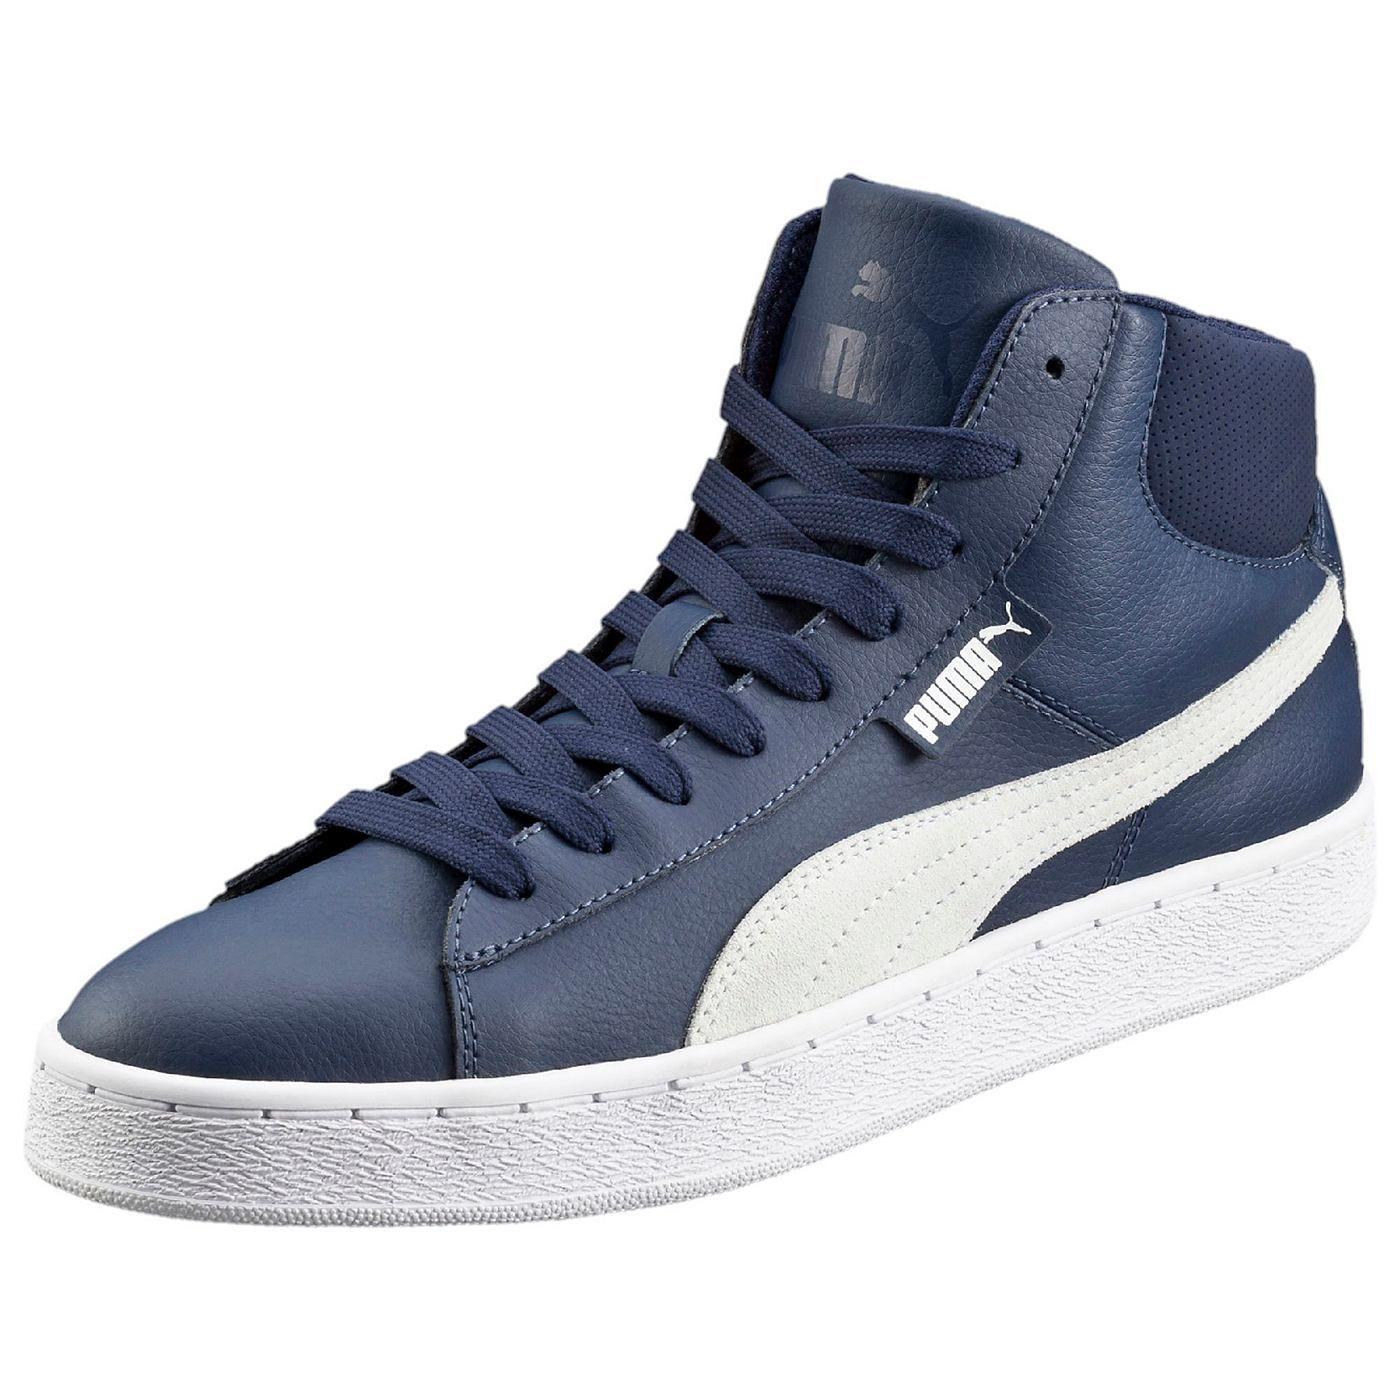 Puma 1948 Mid L    Der PUMA 1948 High-Top ist ein vom Basketball inspirierter mittelhoher Schuh, der die Tradition des PUMA-Formstrips mit einem auf Leistung ausgelegten Design kombiniert. Diese Leder-Version ist wie gemacht für jeden Anlass....